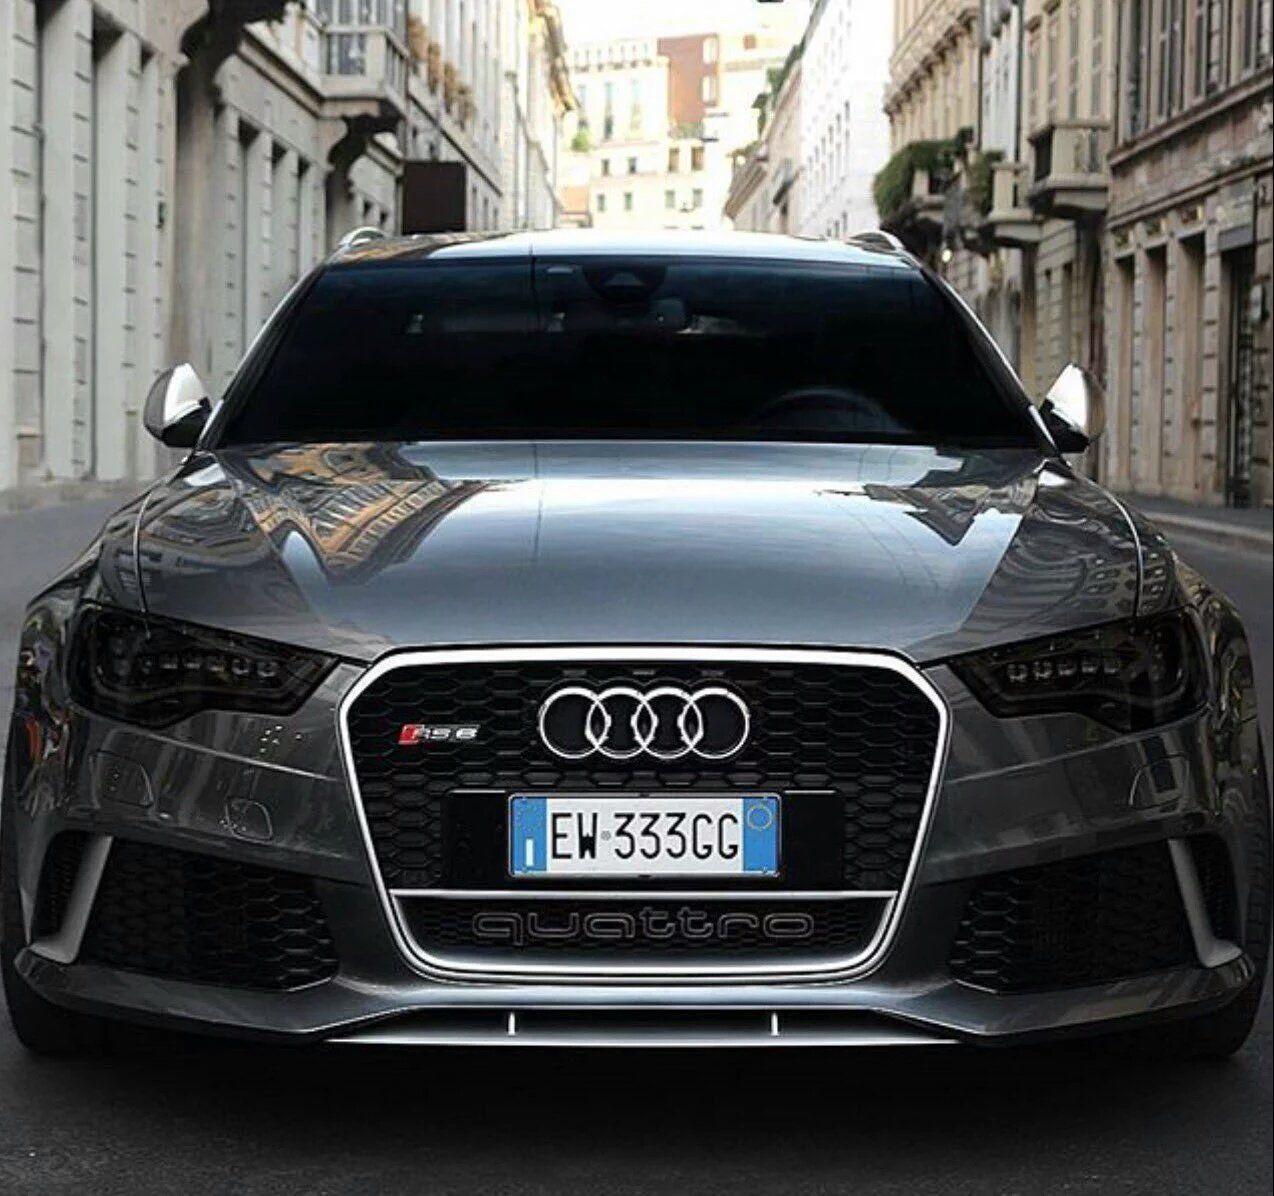 Luxury Connoisseur || kallistos Stelios Karalis || Audi RS6 | Audi rs6, Autosachen, Audi